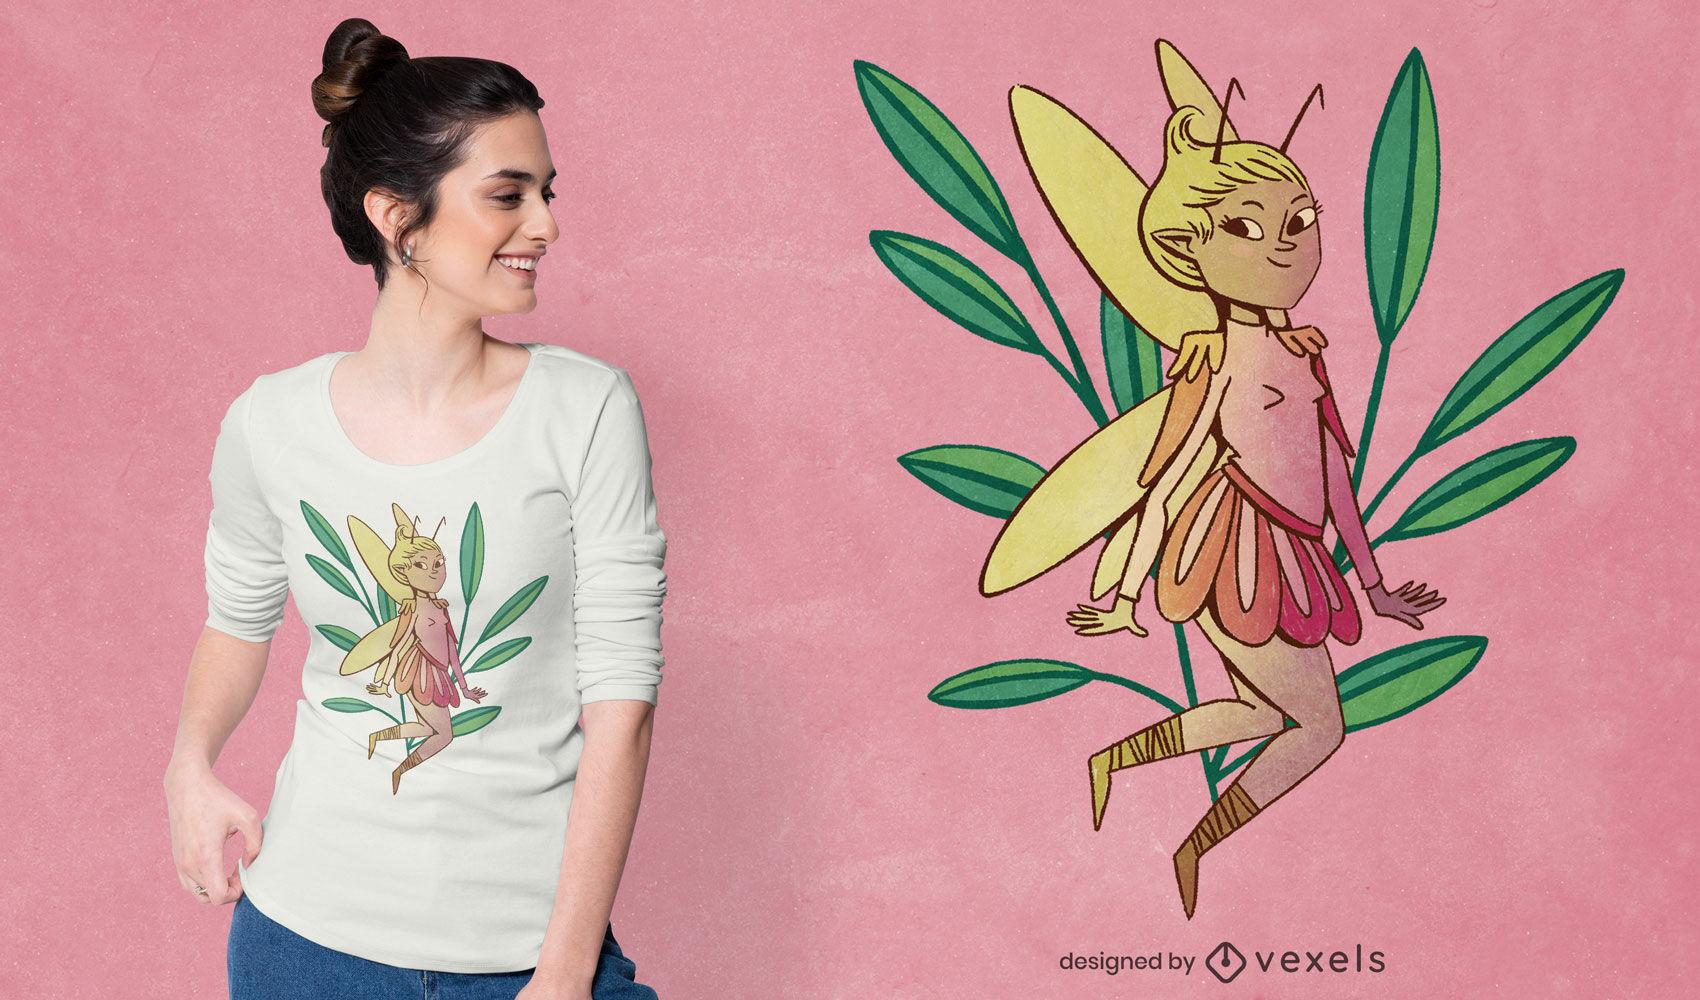 Diseño de camiseta psd de ilustración de duendecillo